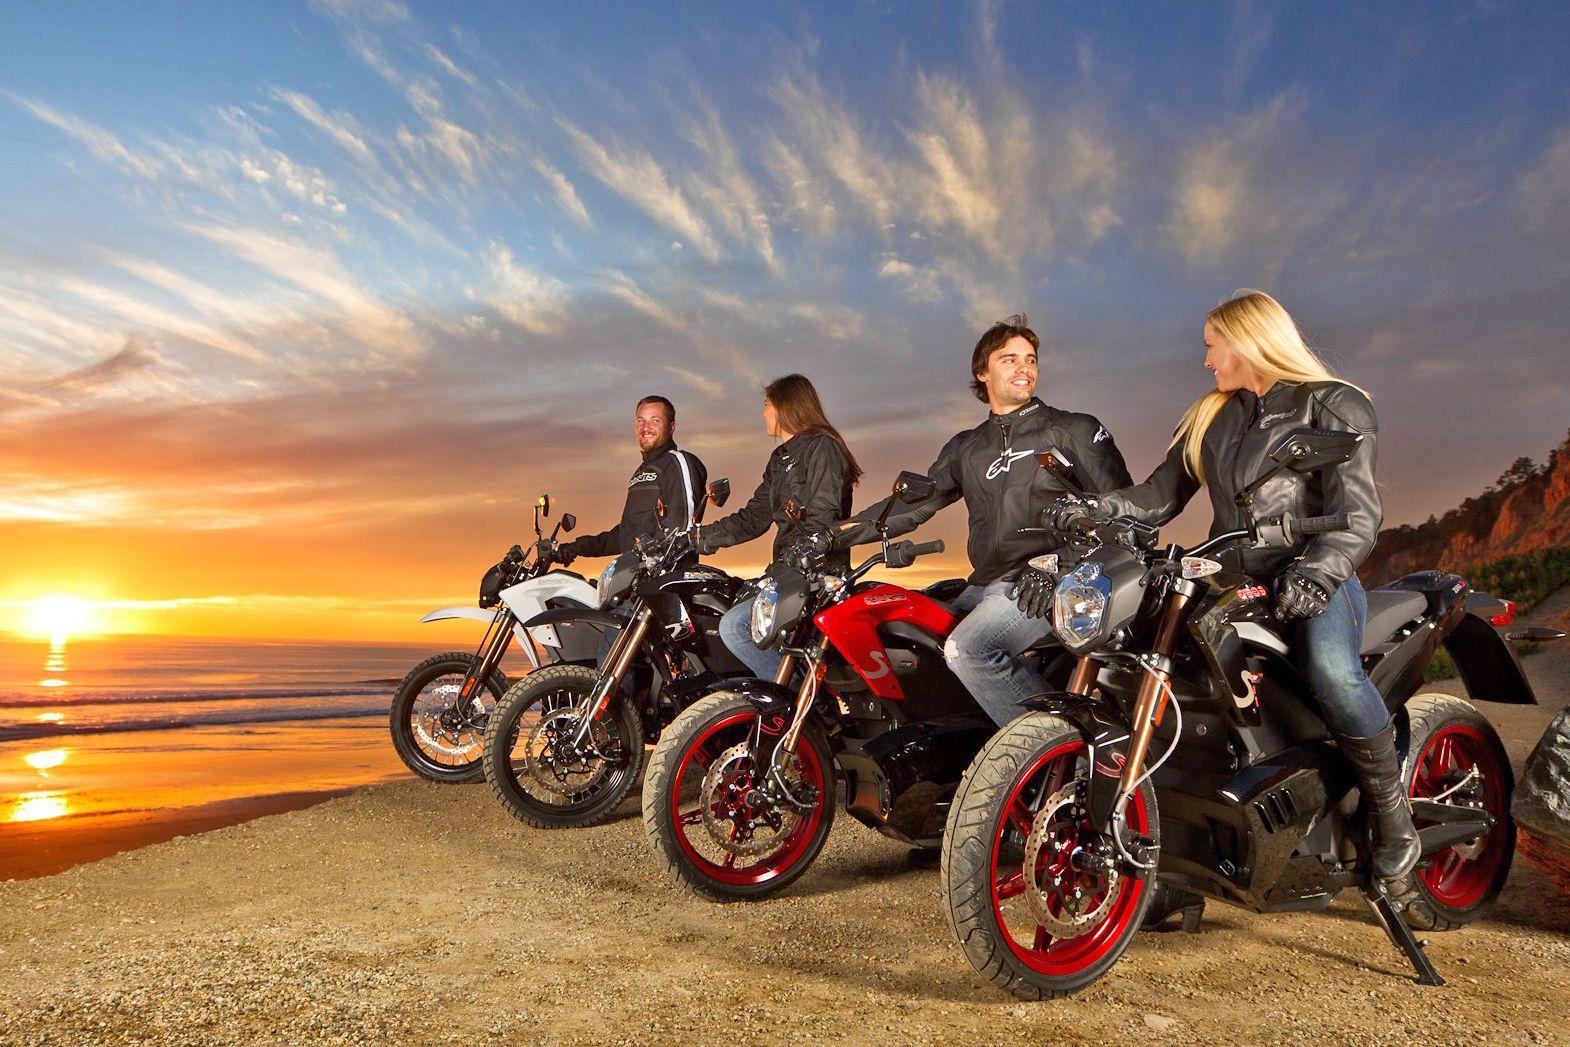 Auto D Occasion >> Fabricant moto électrique Zero Motorcycles - moto scooter ...